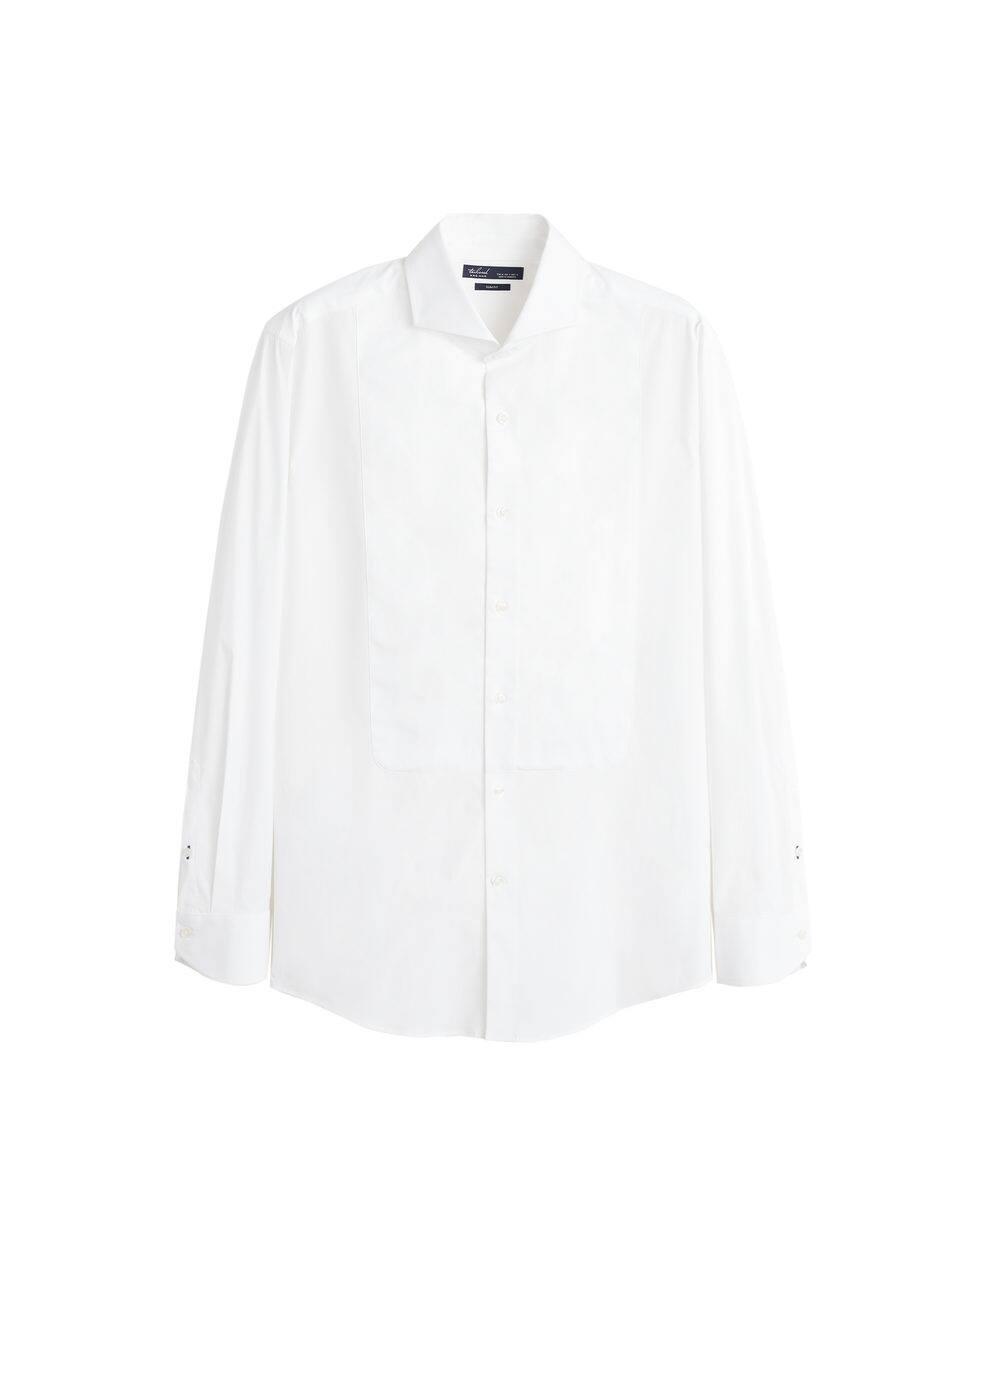 h-kooning:camisa tailored slim fit babero